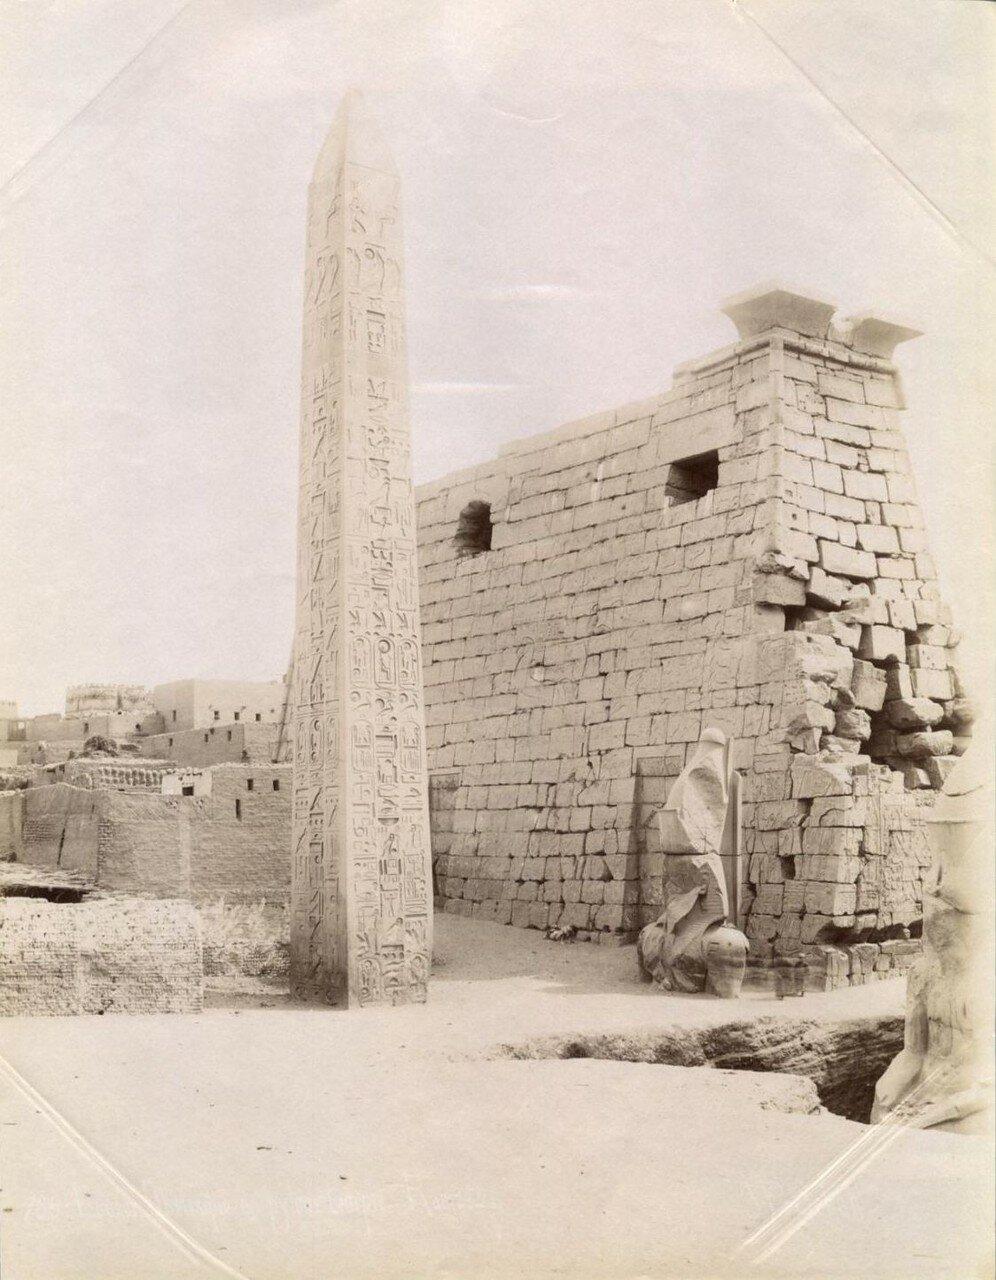 Луксорский храм.  Обелиск Рамсеса II